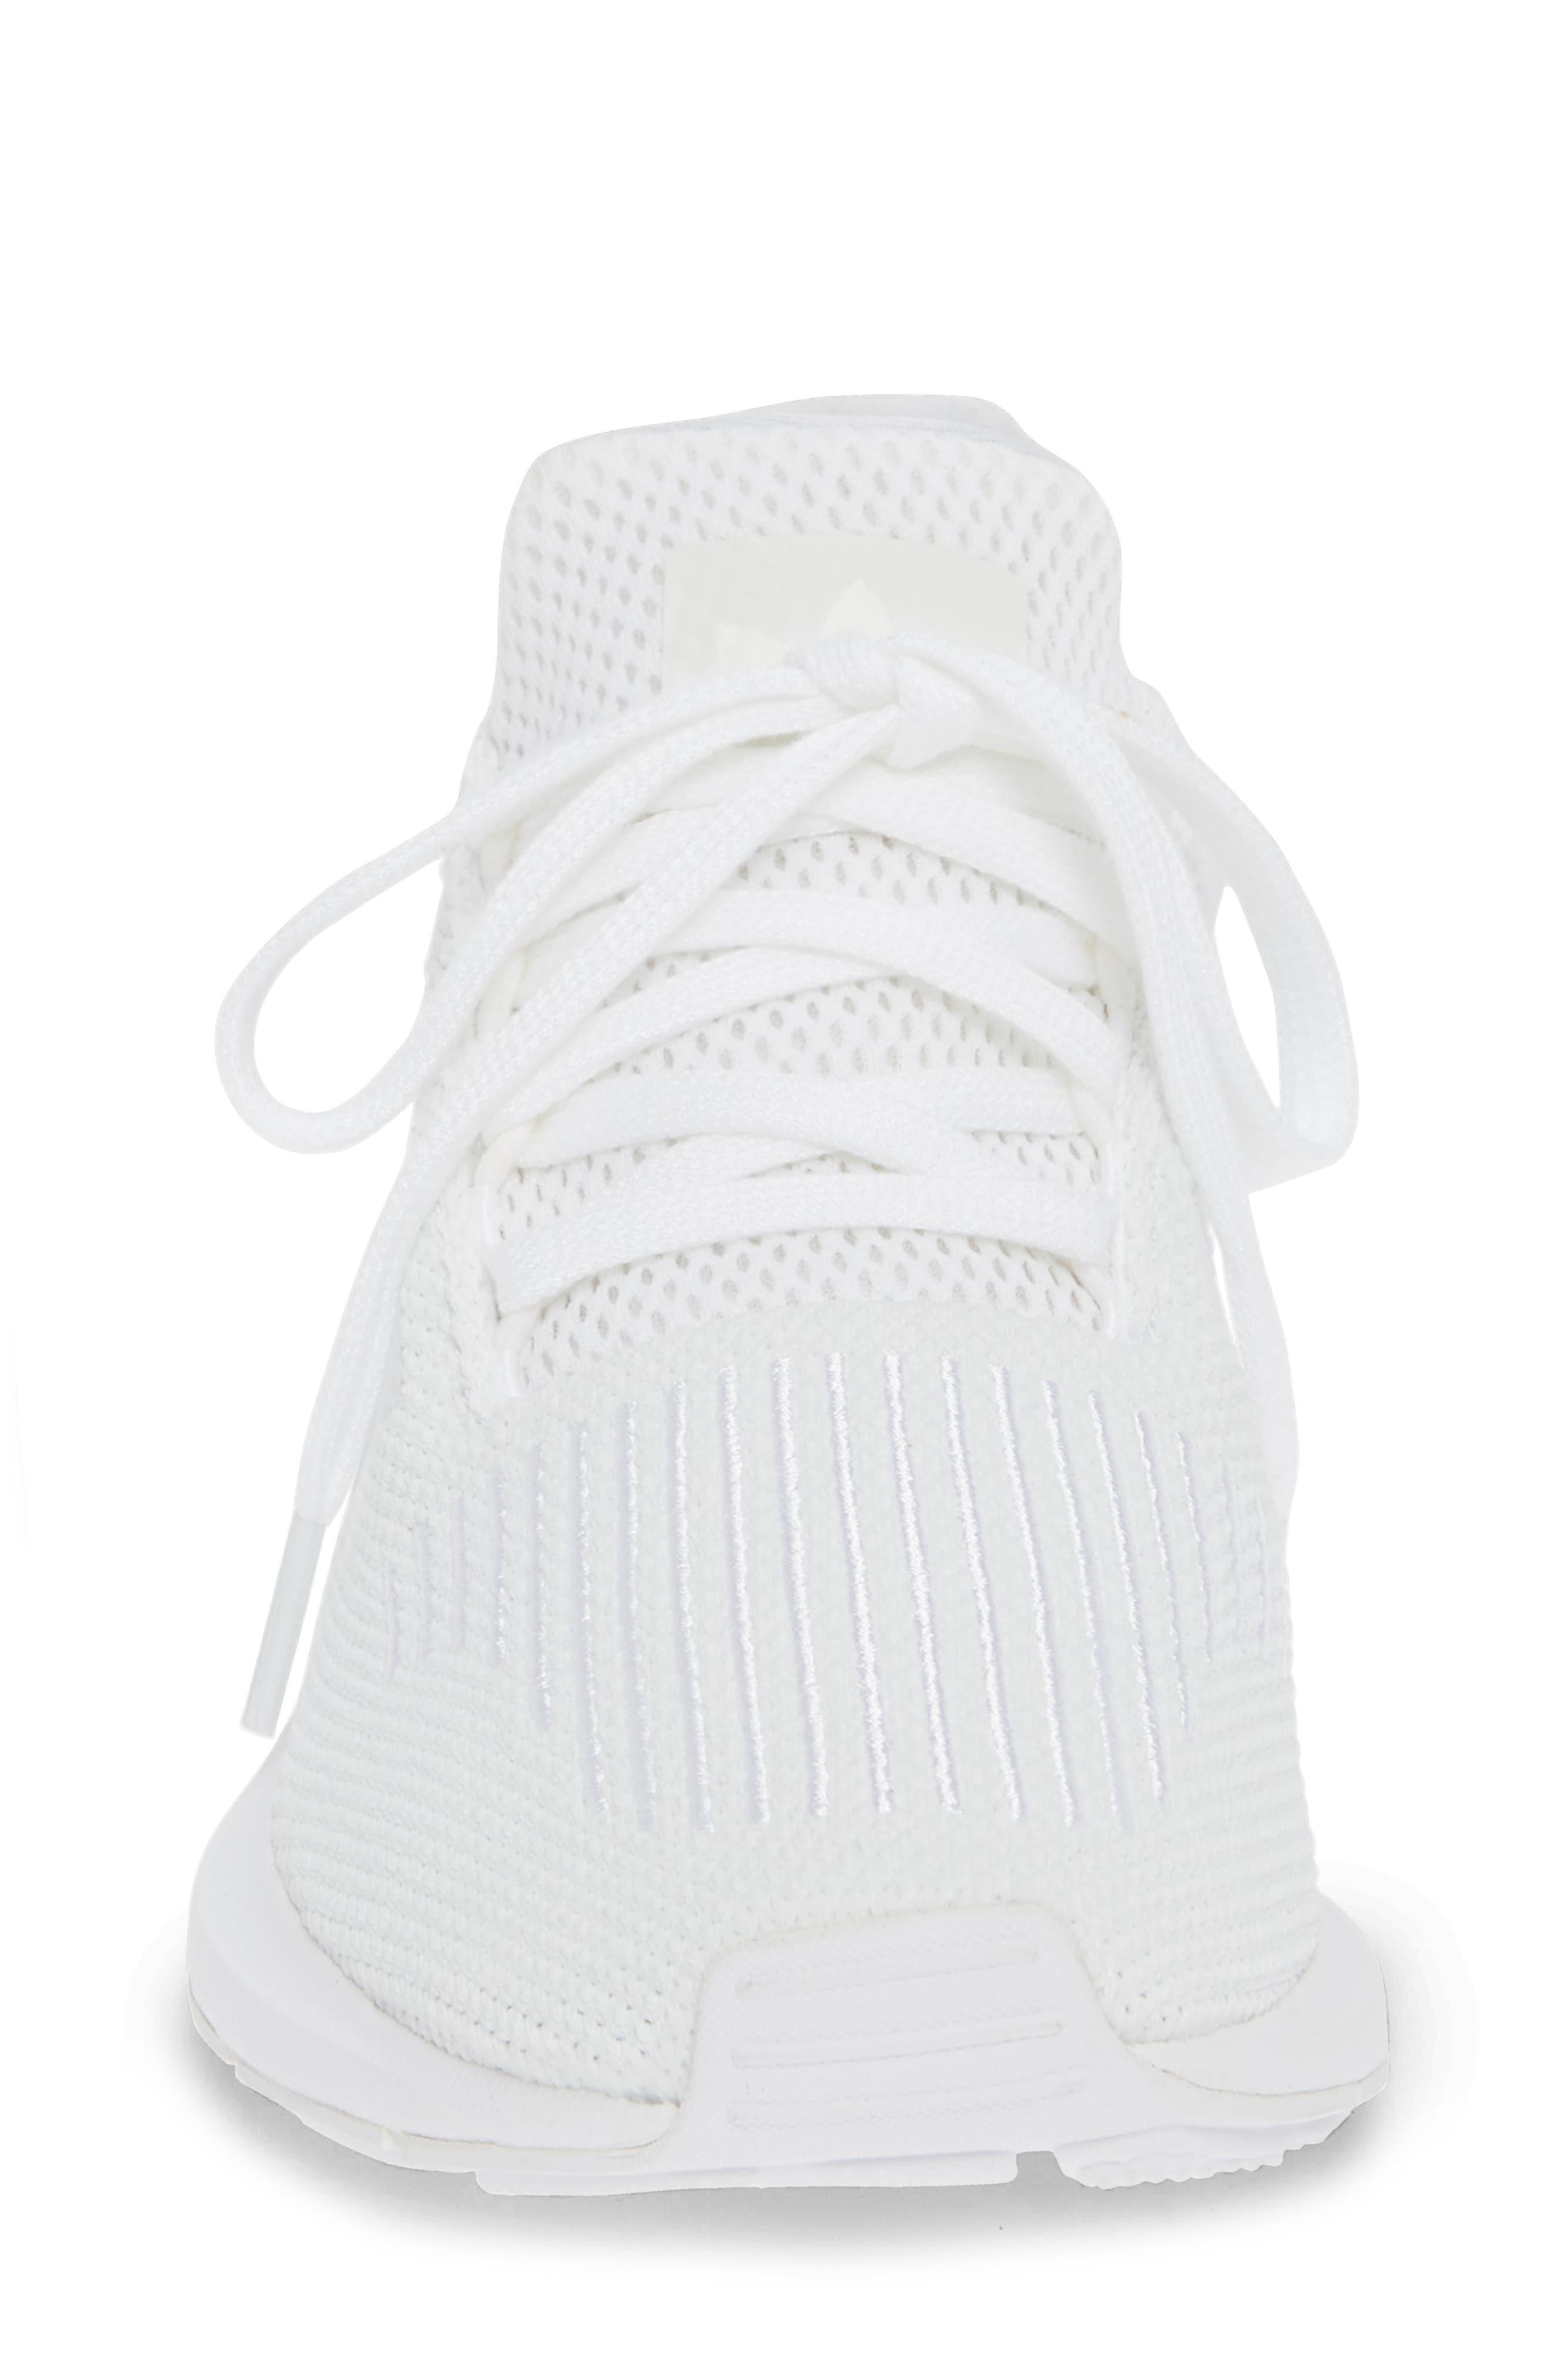 Swift Run Sneaker,                             Alternate thumbnail 113, color,